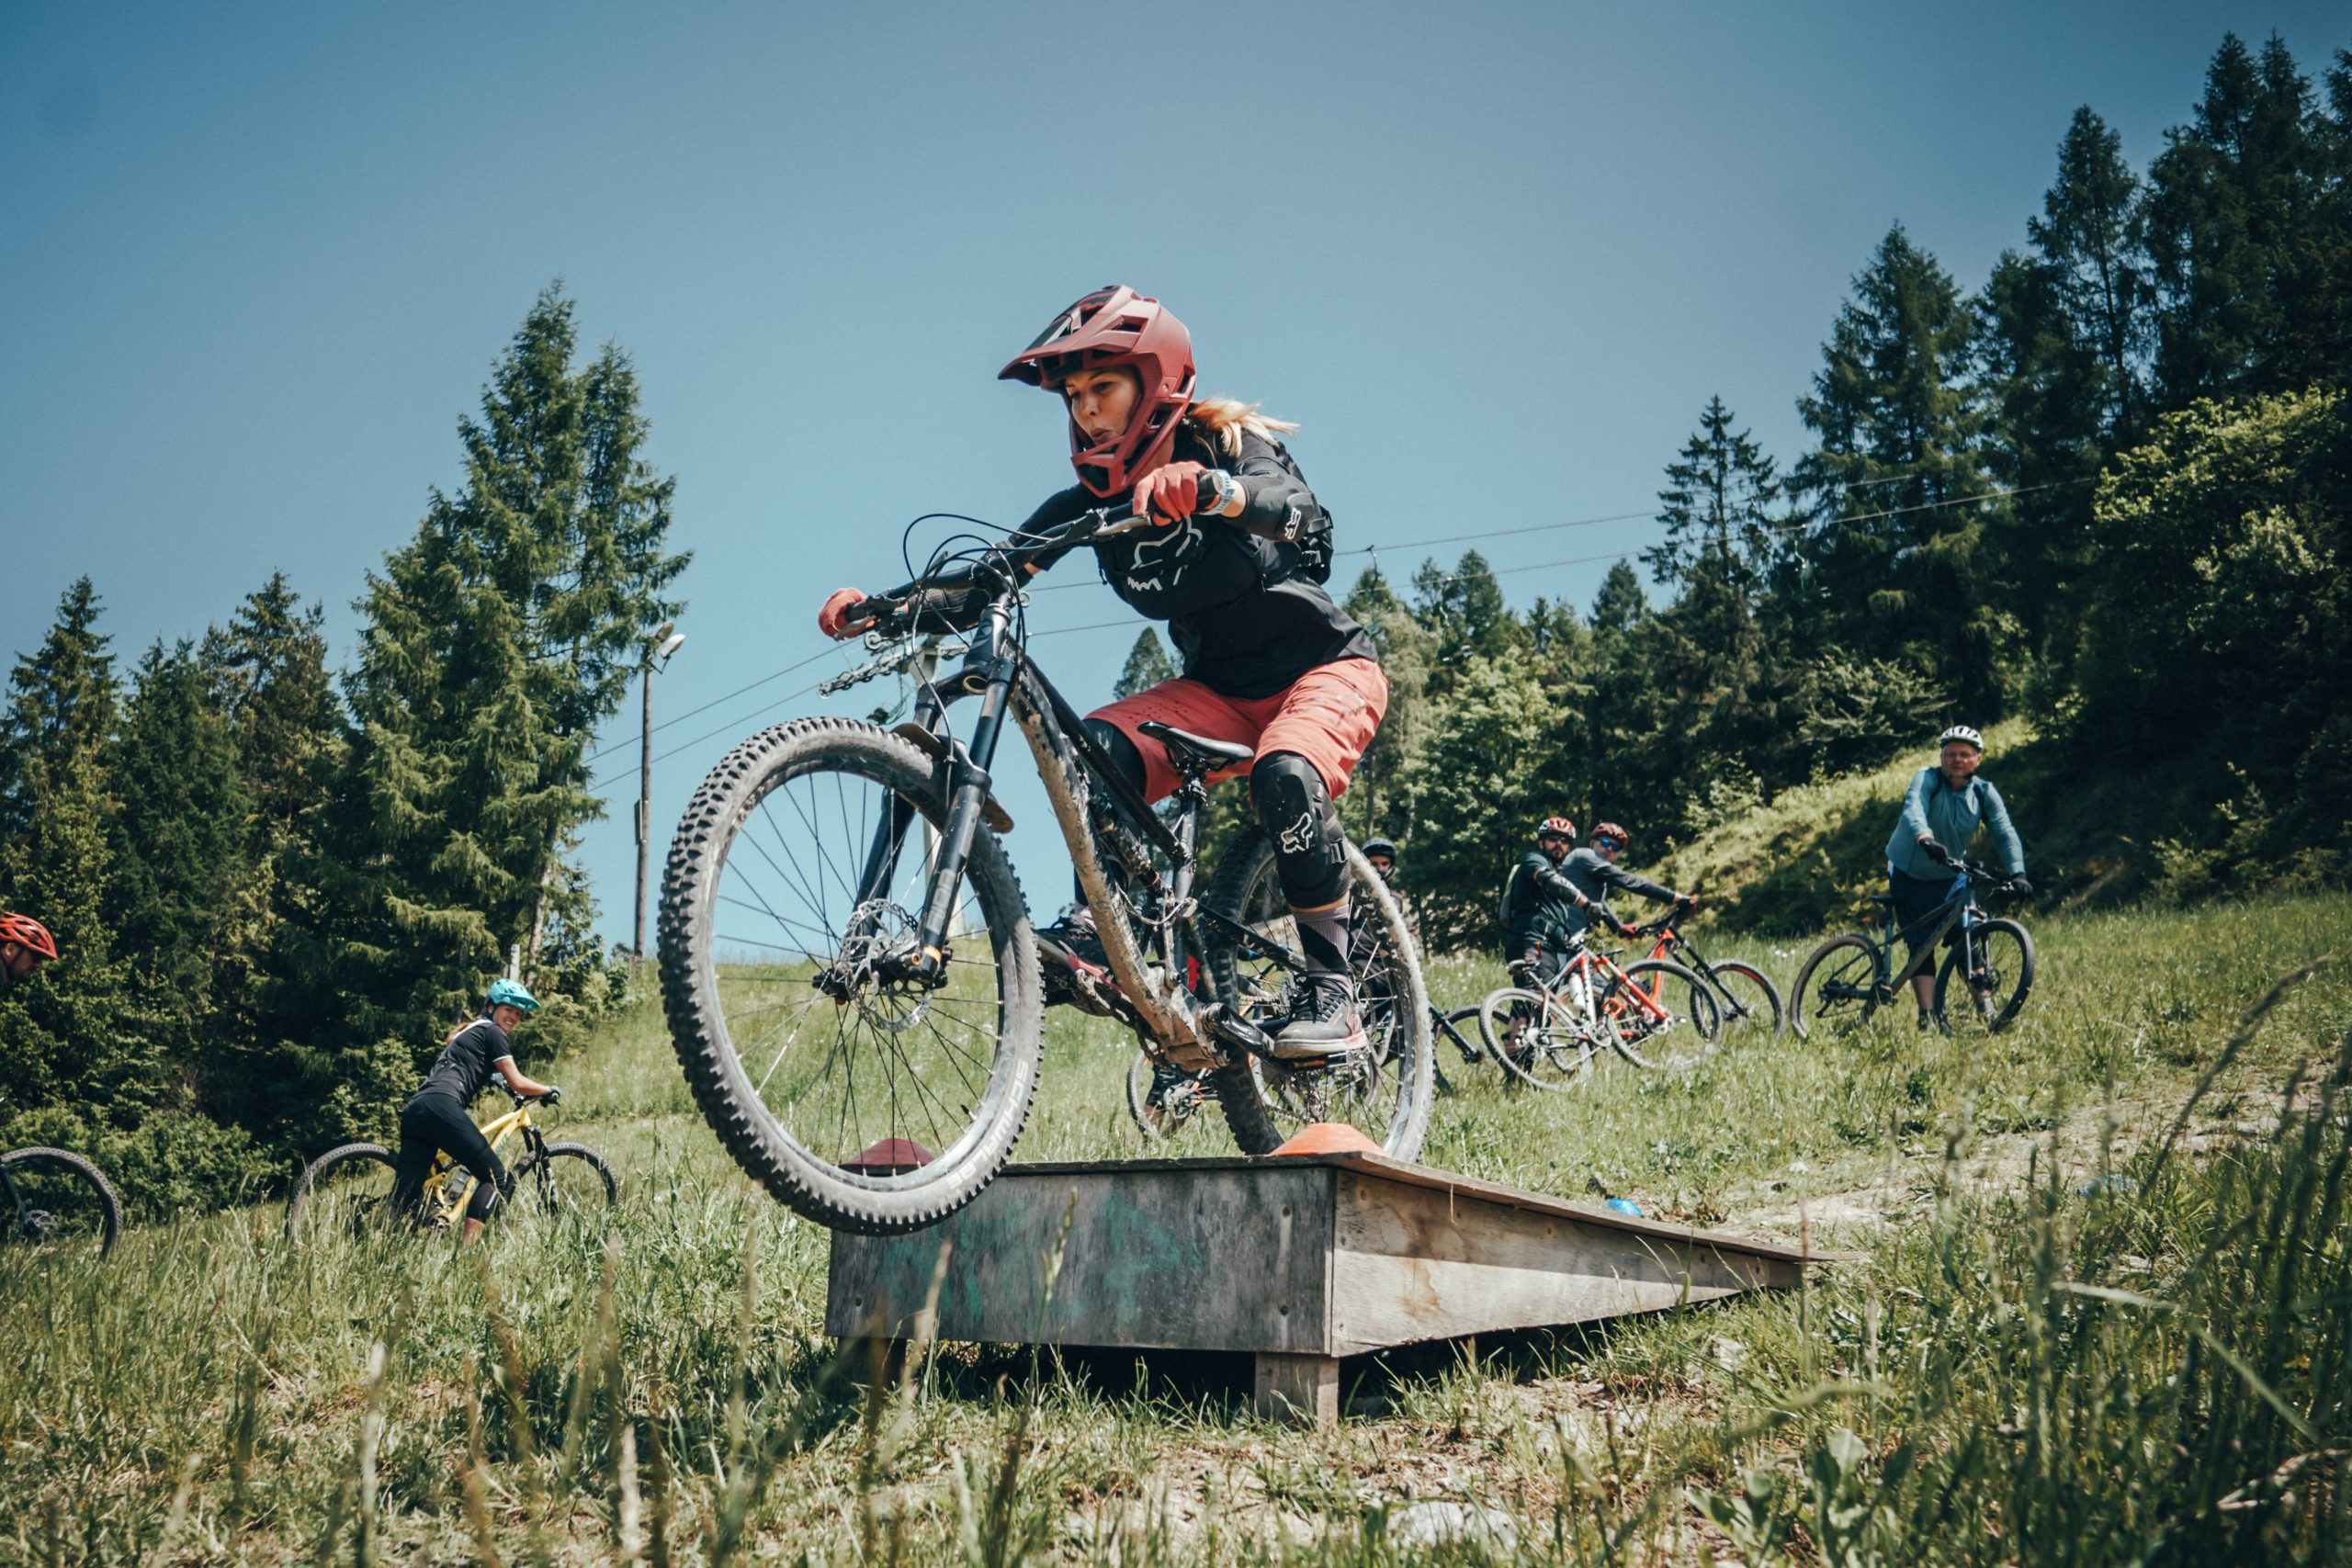 Specialized women's trail days – jedyne takie szkolenie rowerowe dla kobiet